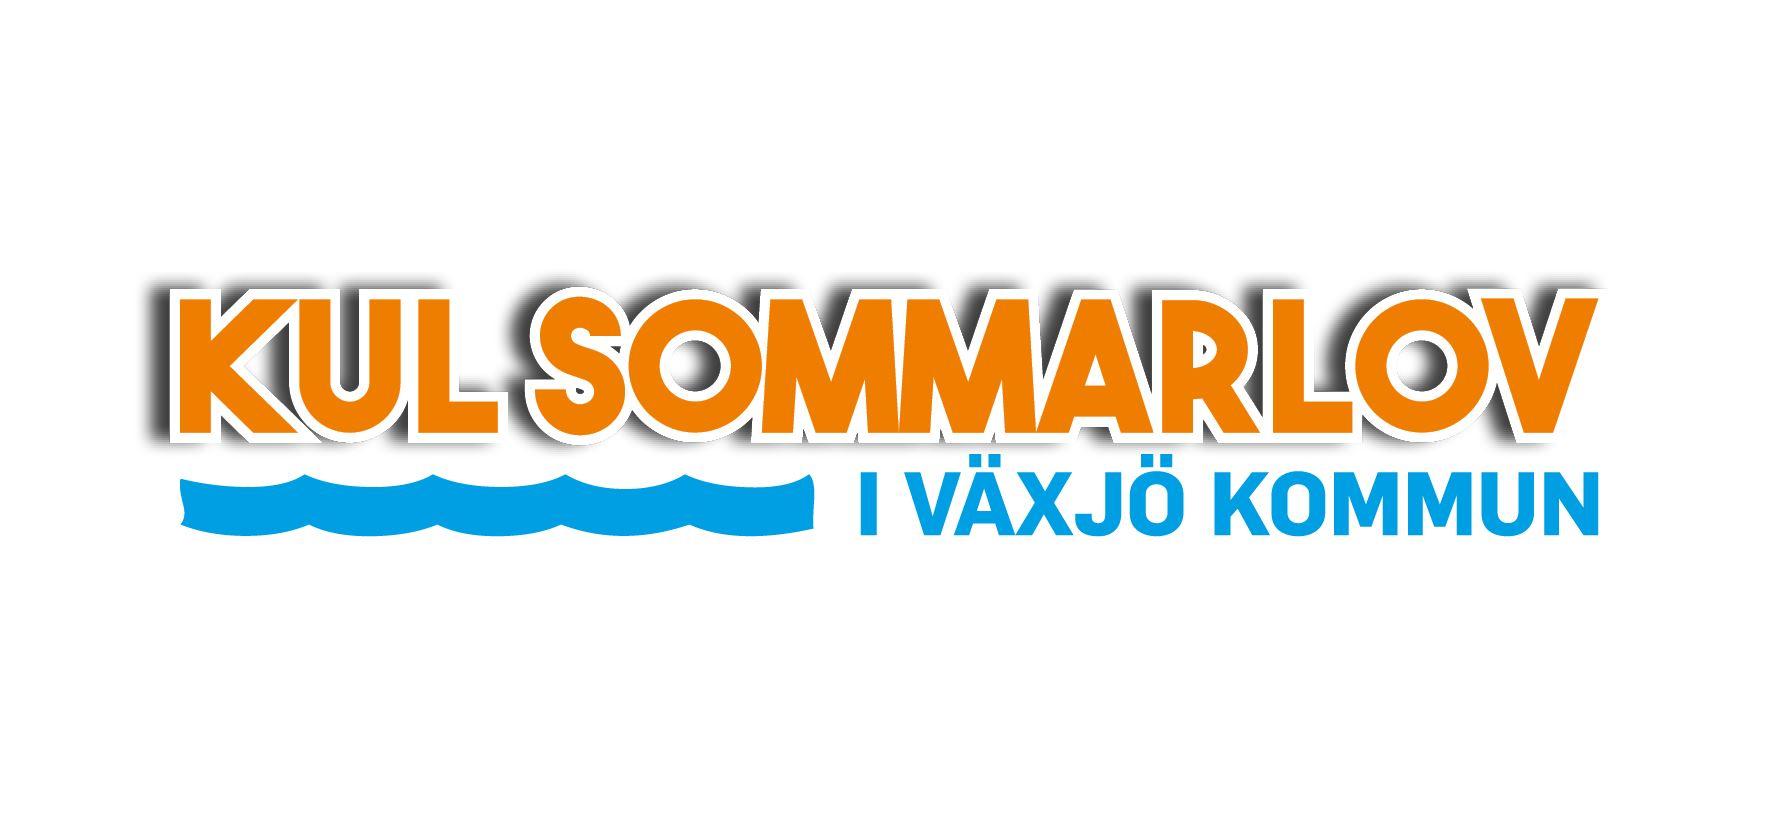 Kul sommarlov: Glaciären Karlskrona